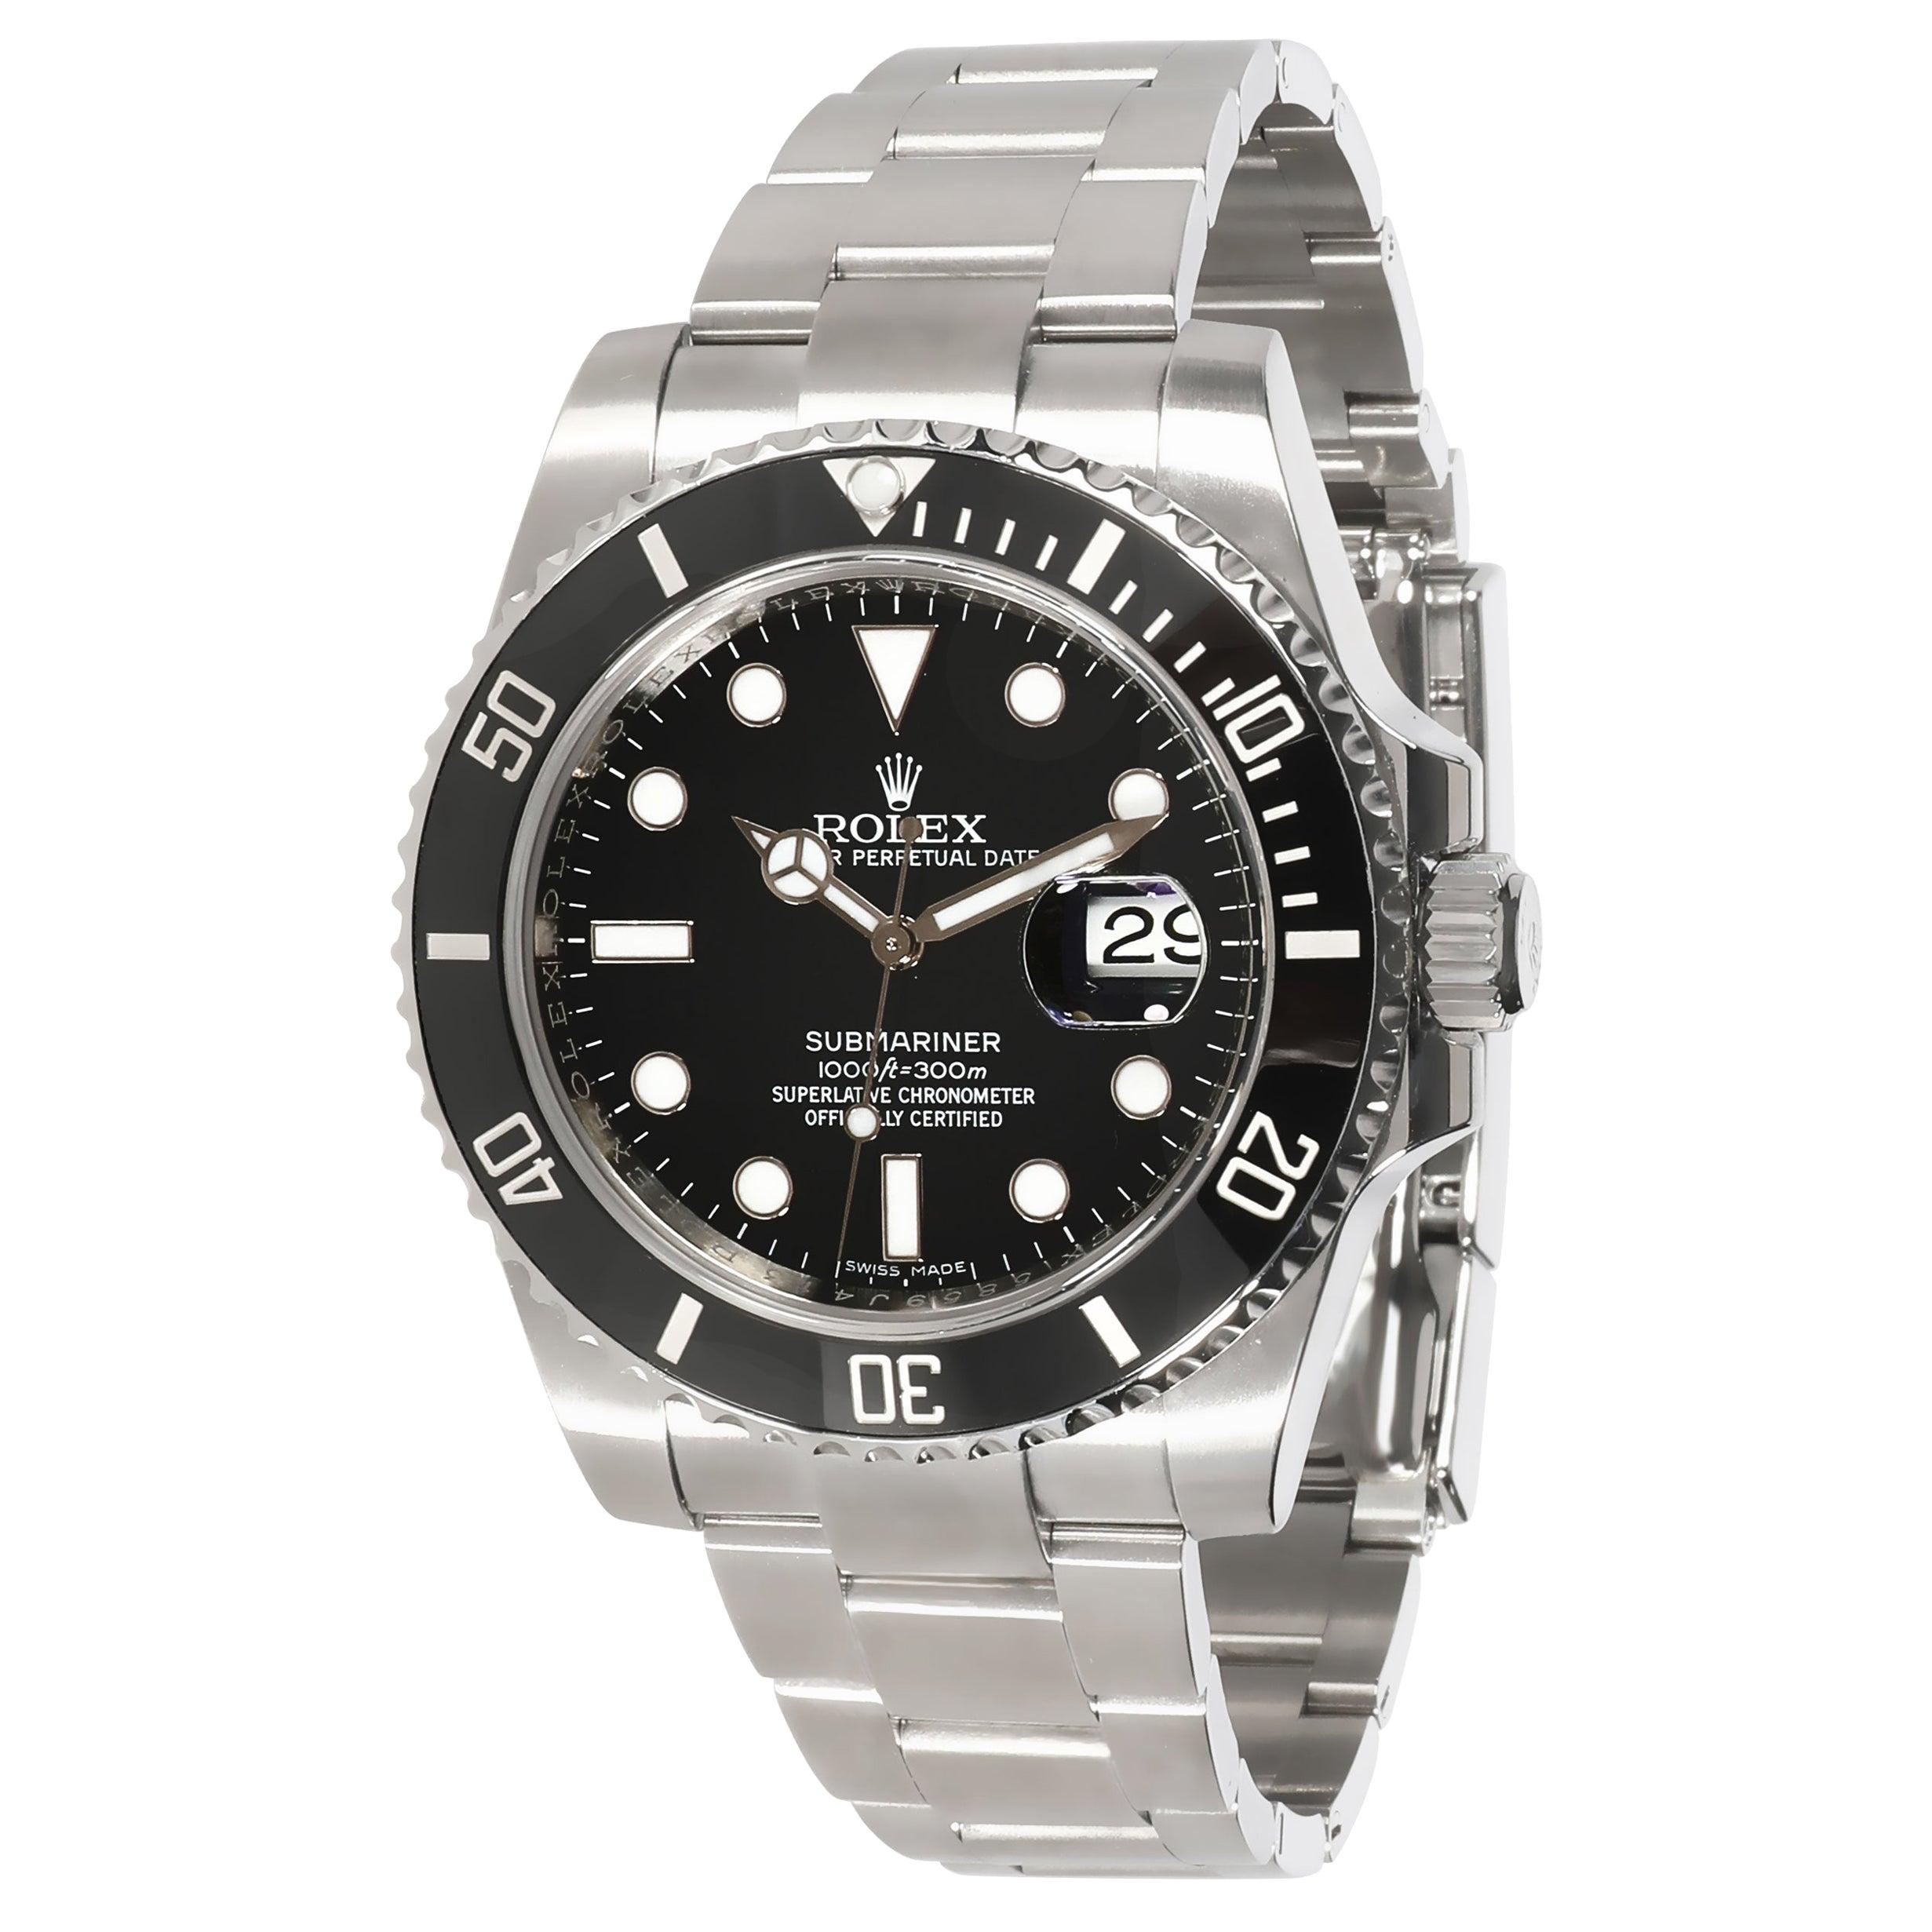 Rolex Submariner 116610LN Men's Watch in Stainless Steel